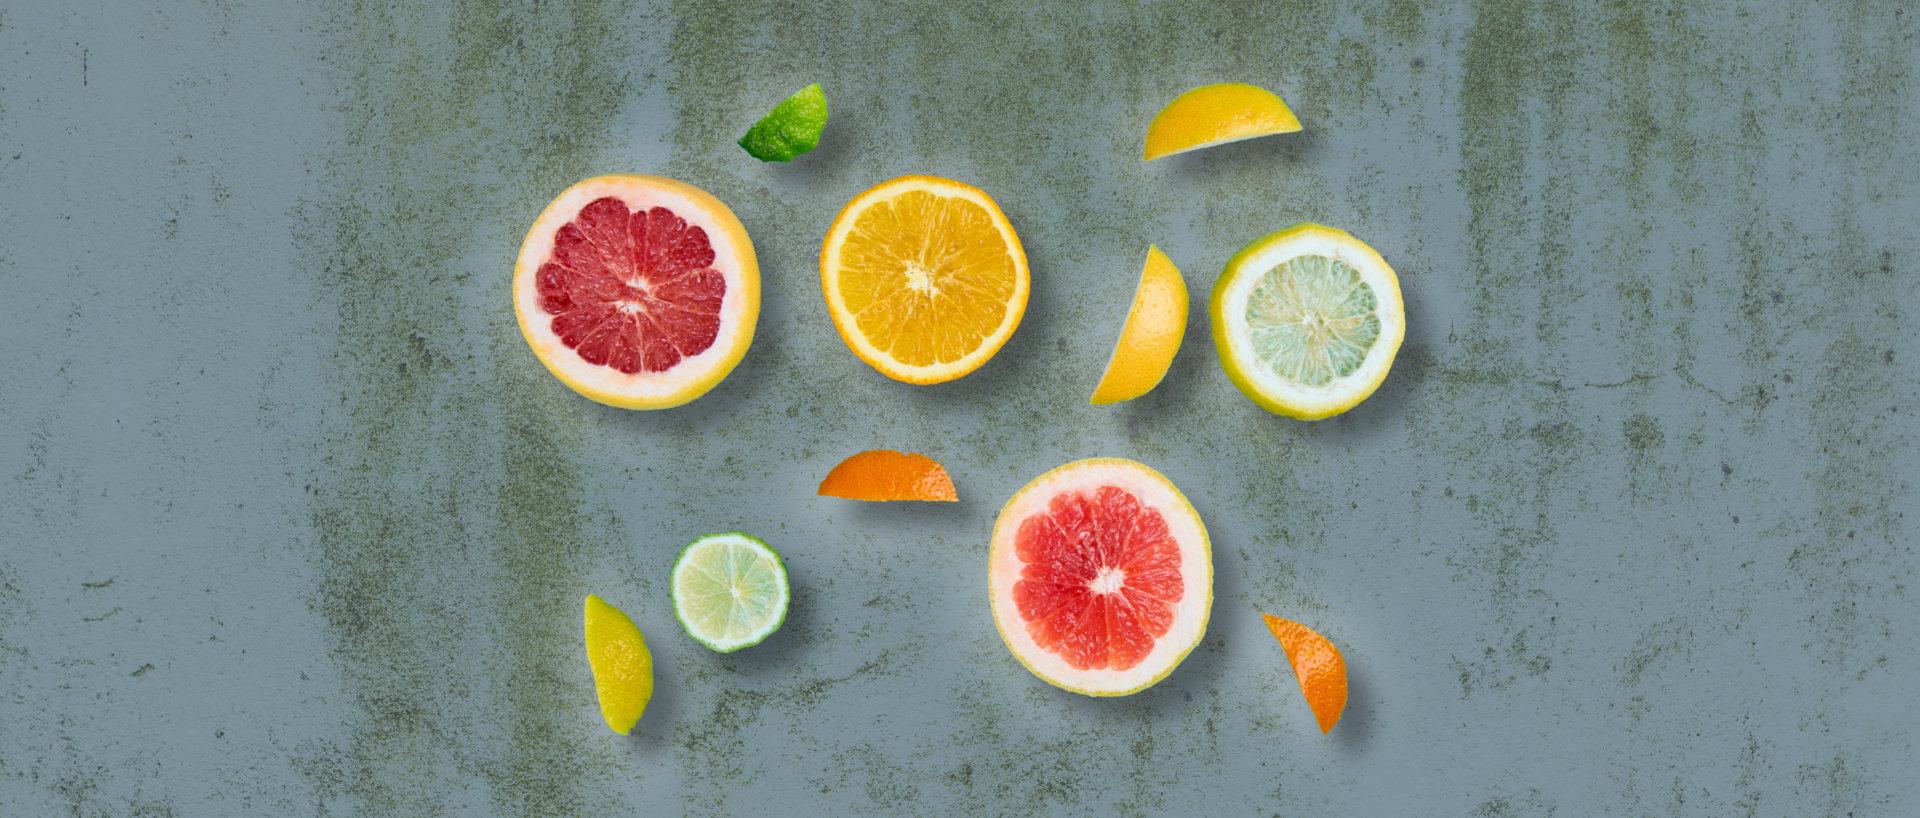 Økologiske citrusfrugter til lemonade